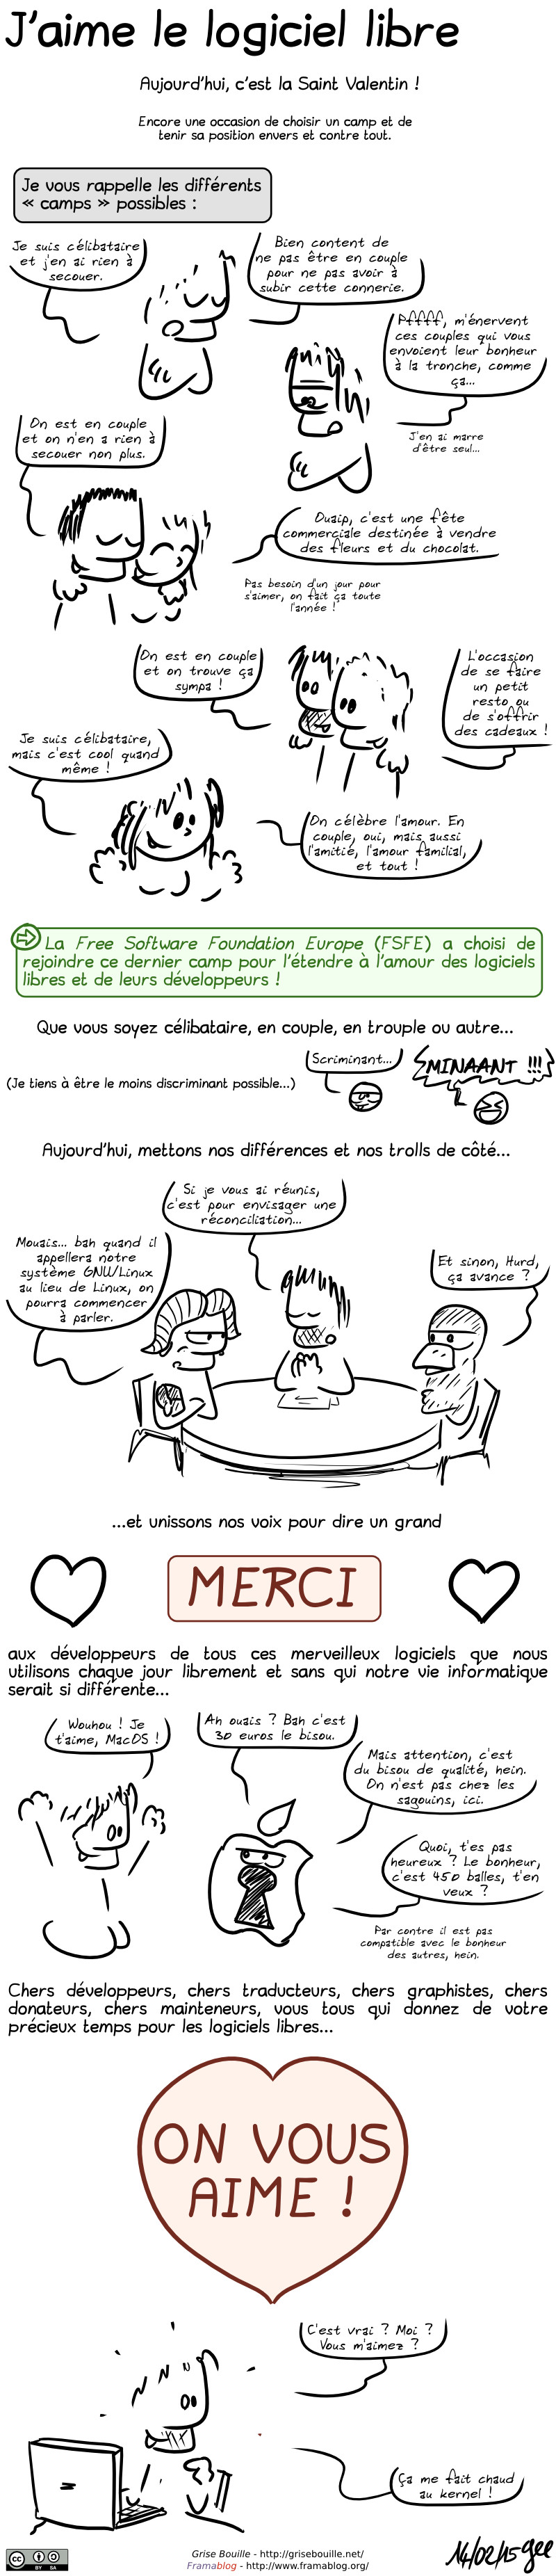 dm_001_jaime_le_logiciel_libre